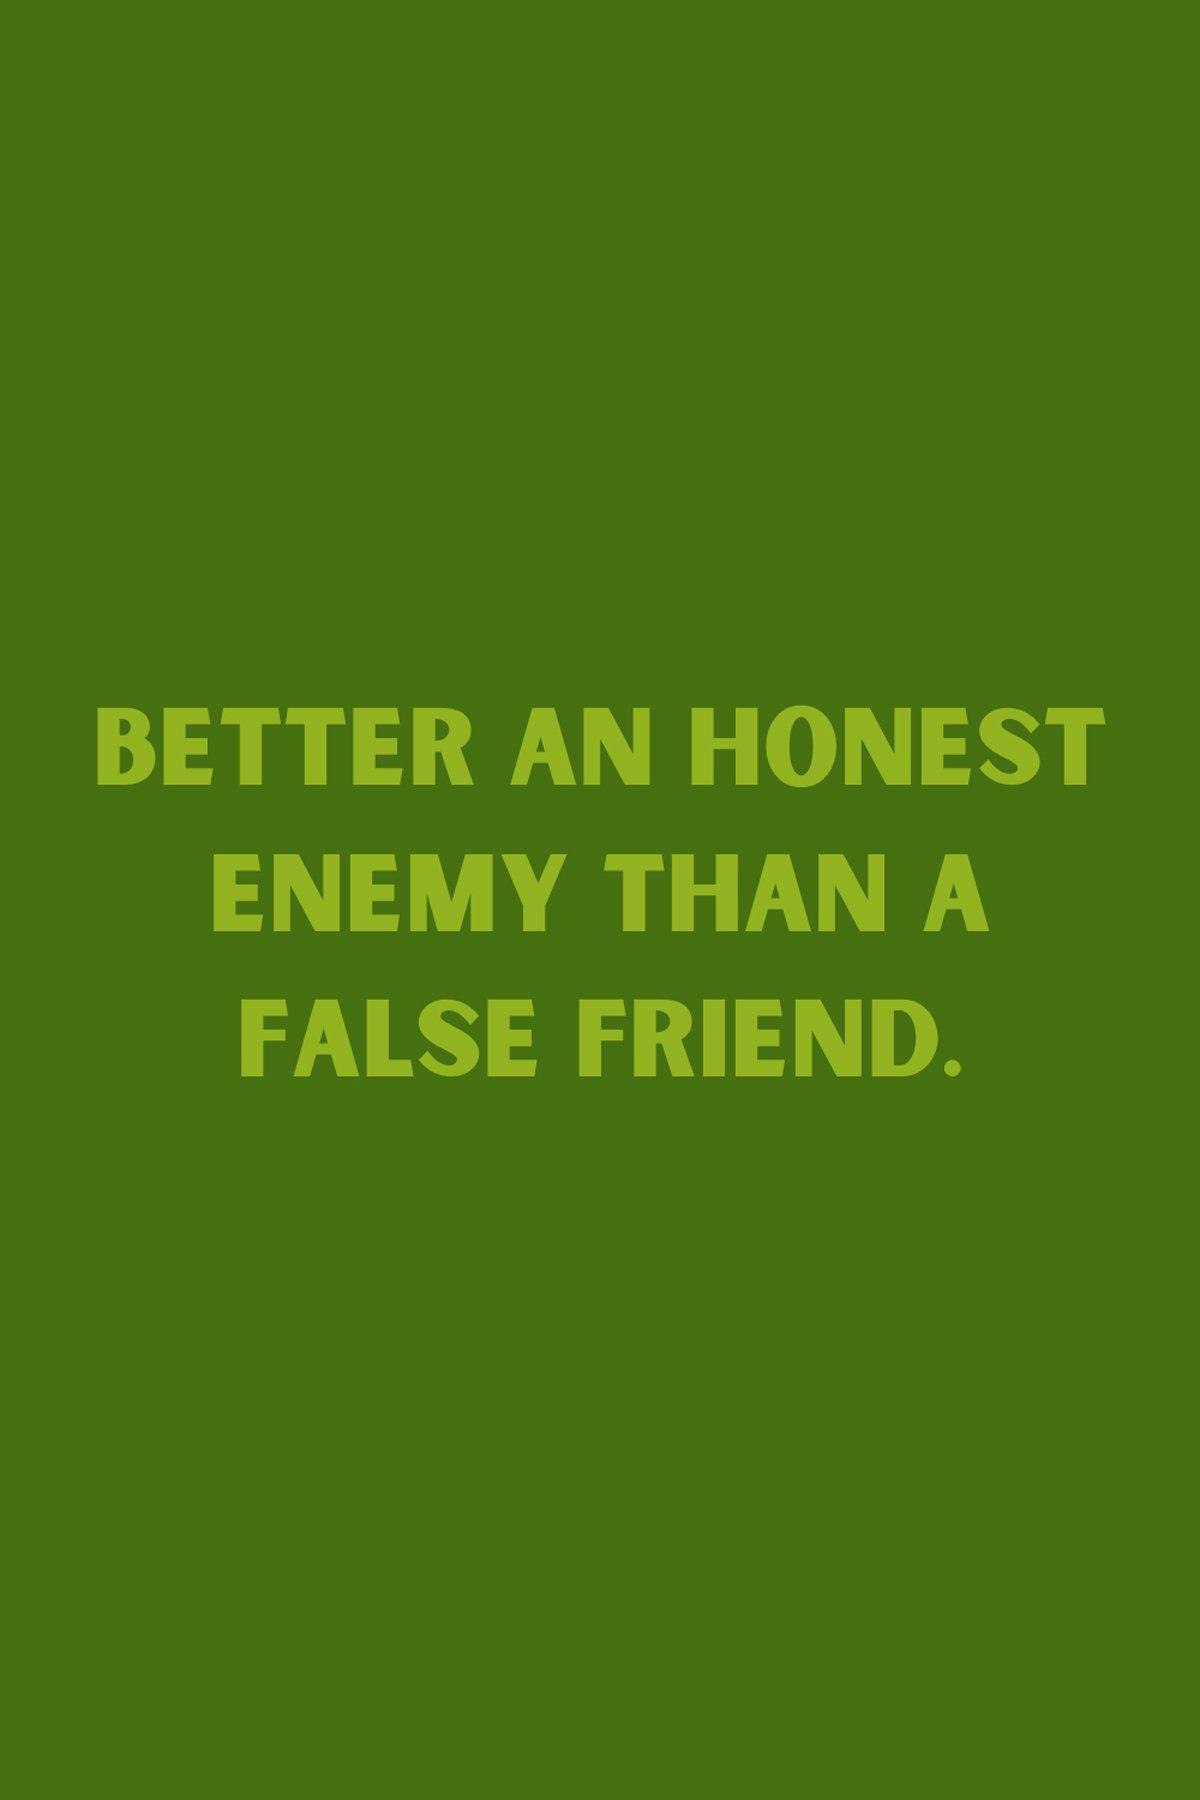 False Friend Quotes